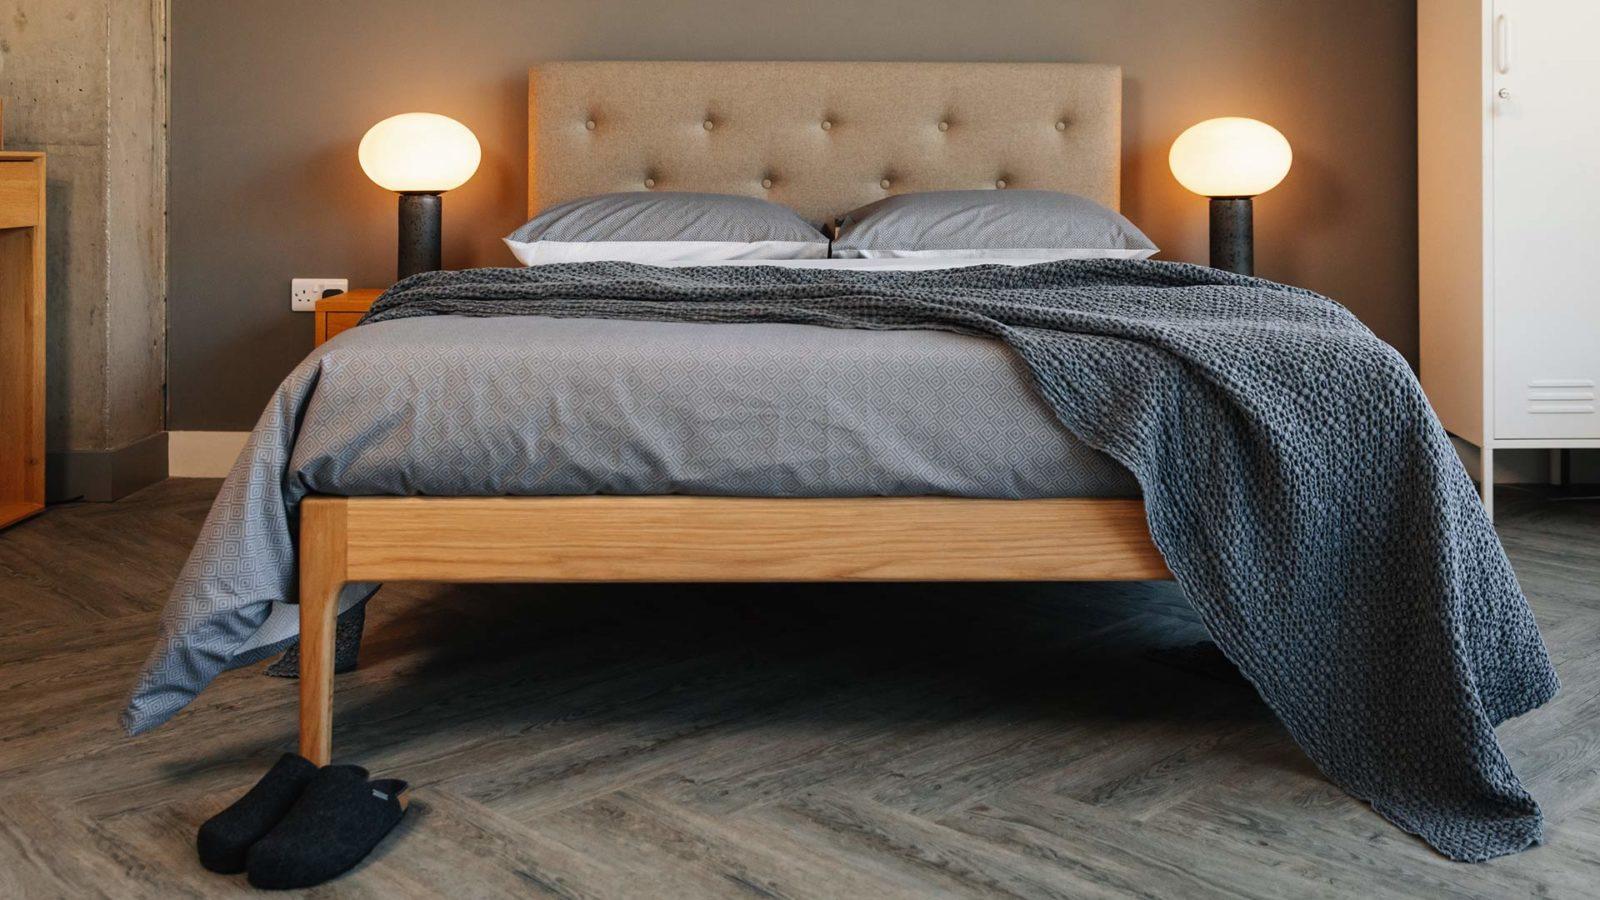 Scandinavian bedroom look - grey bedding on midcentury style Bloomsbury bed